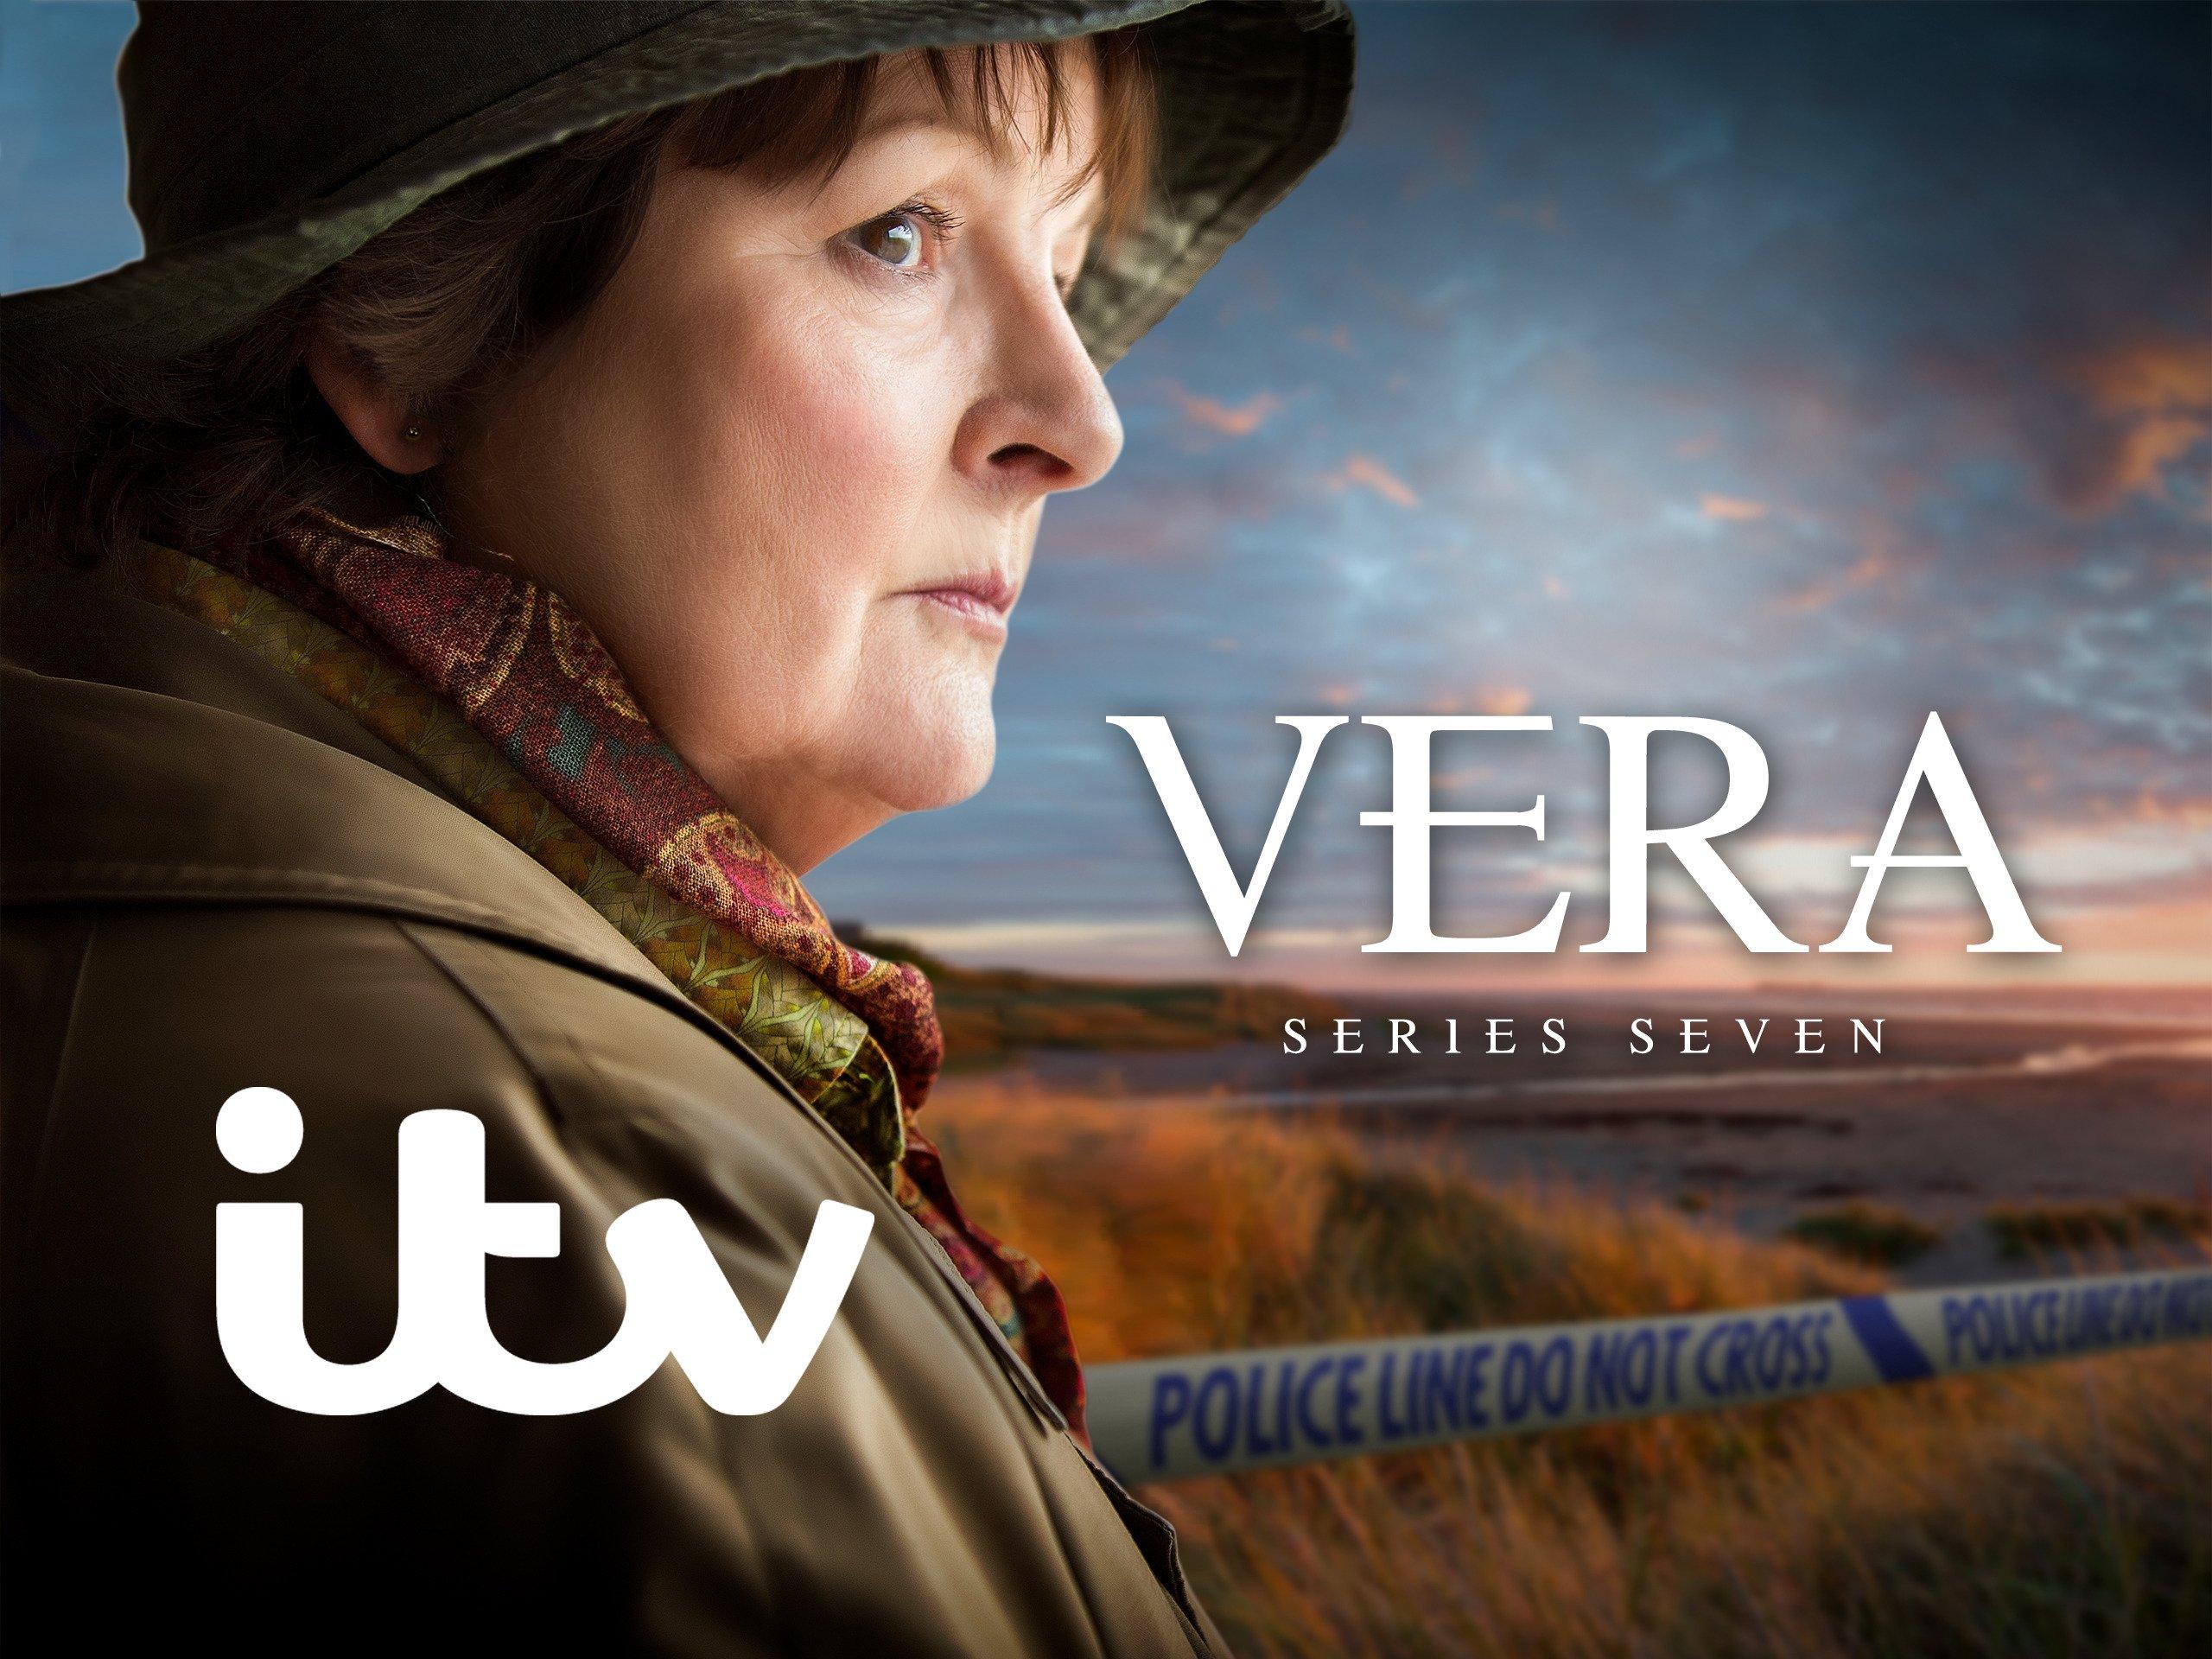 Amazon co uk: Watch Vera Series 7 | Prime Video